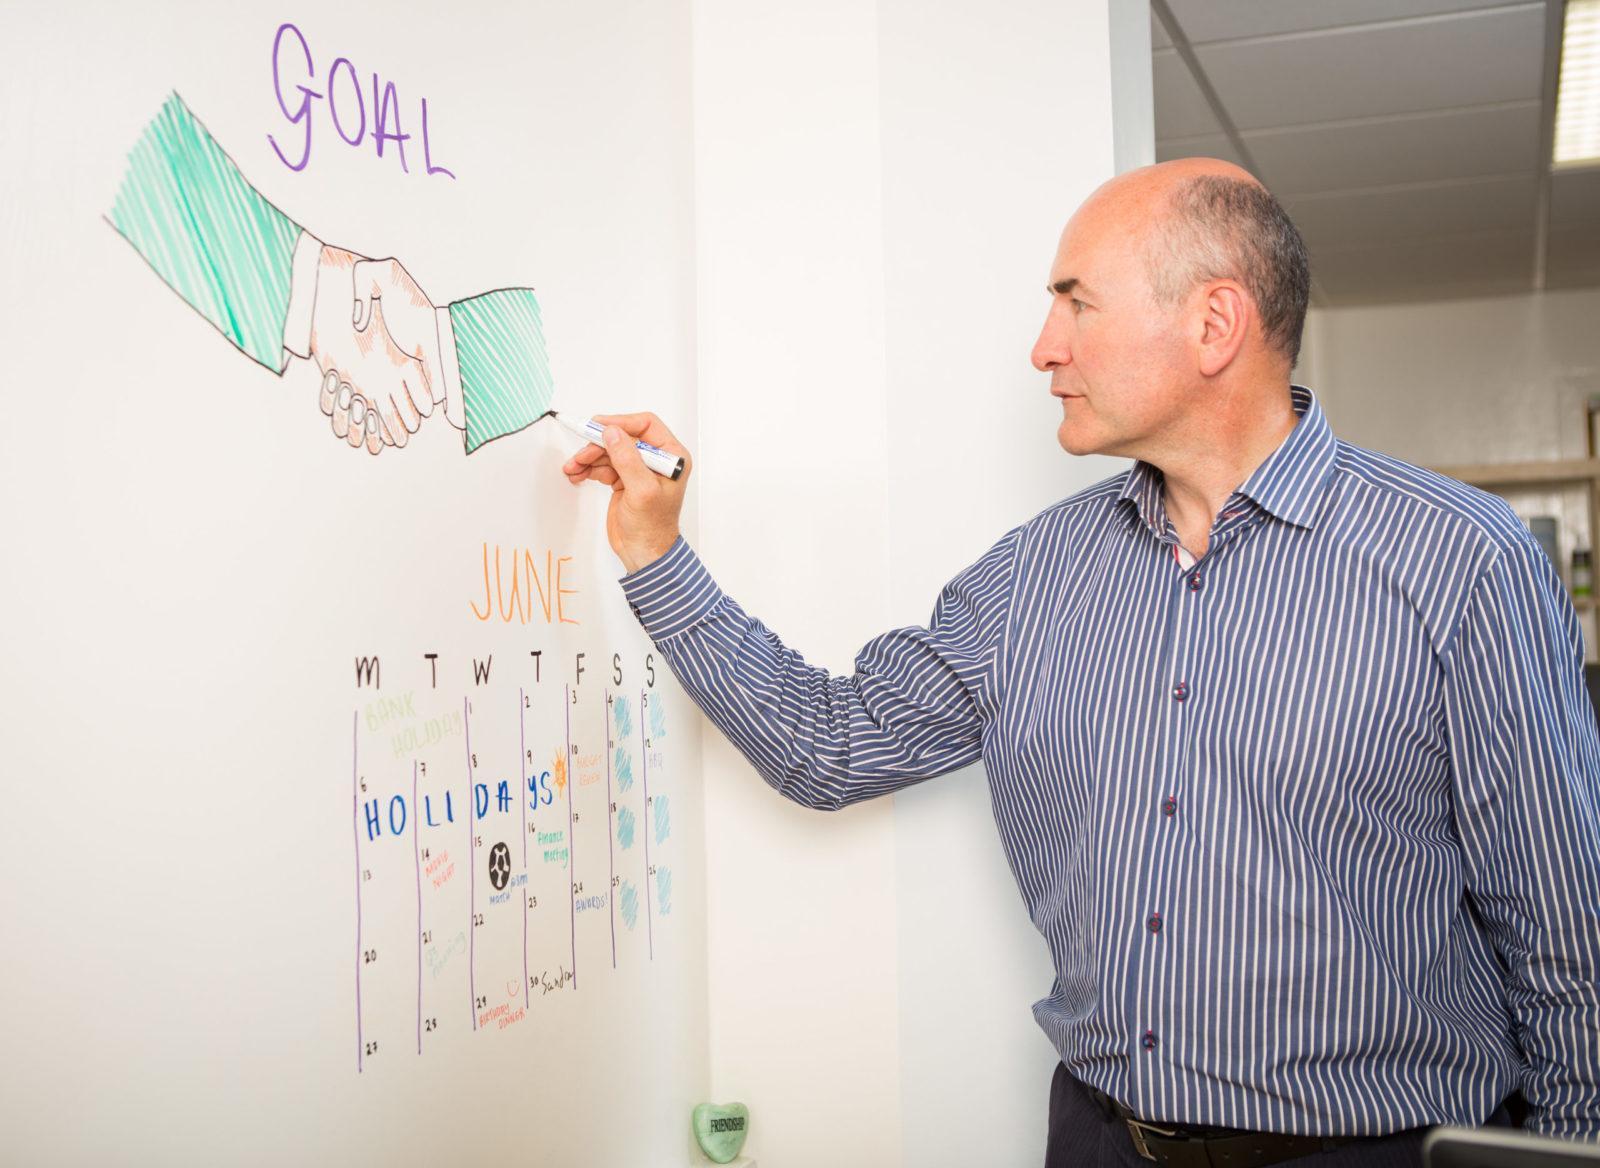 un homme écrit sur le mur du tableau blanc